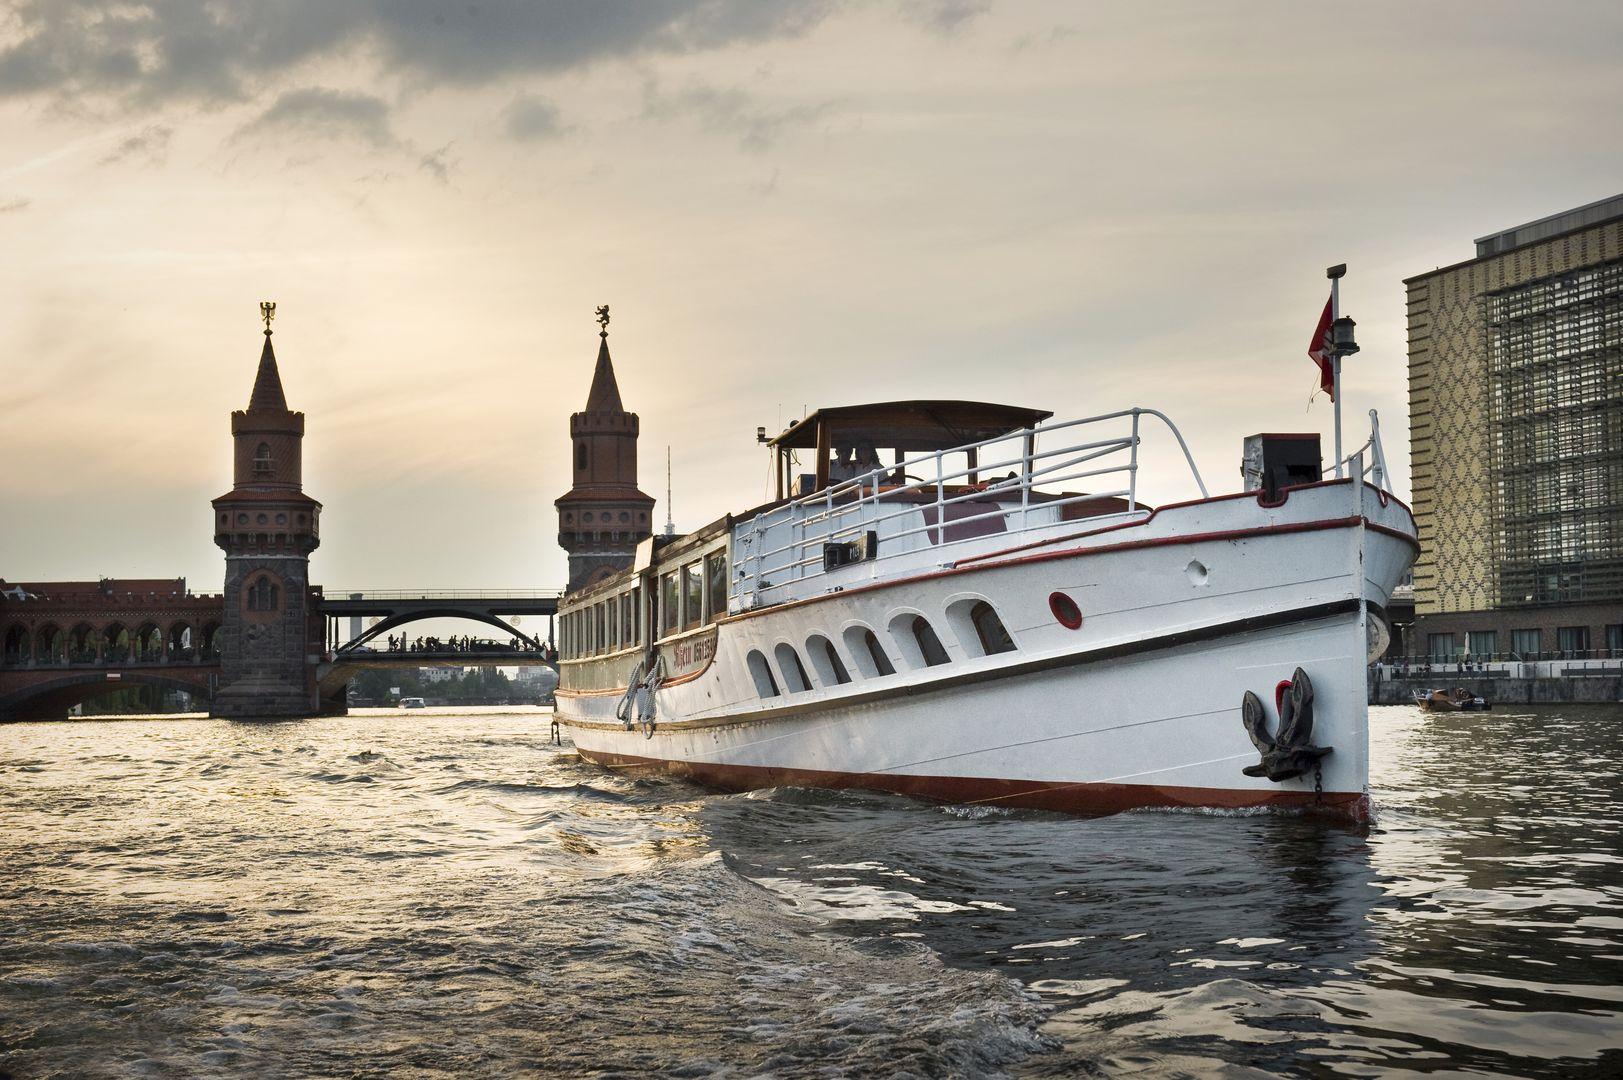 MS Rhein